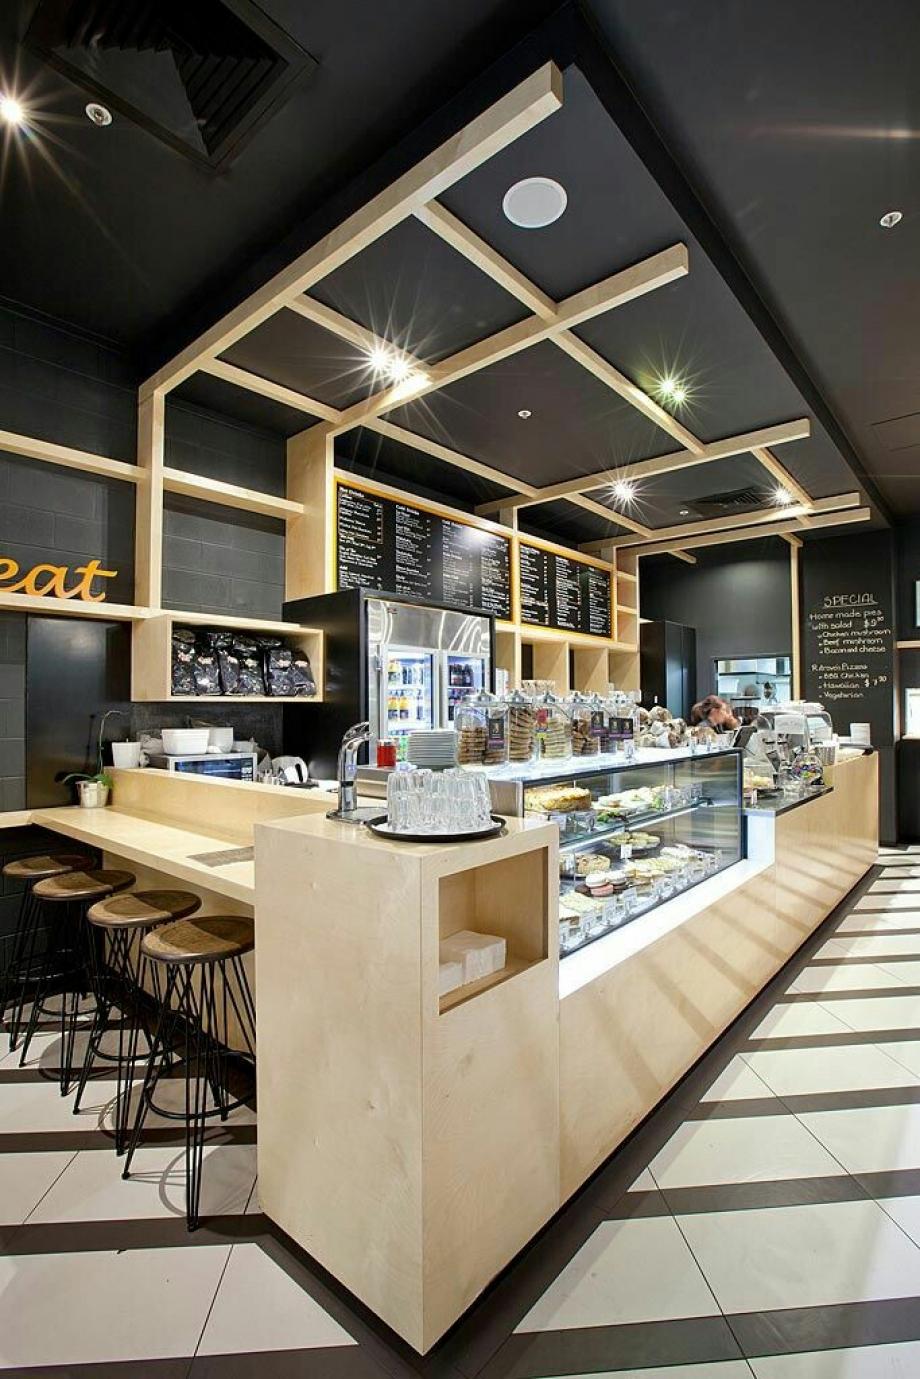 Foire de Paris - Salon de thé